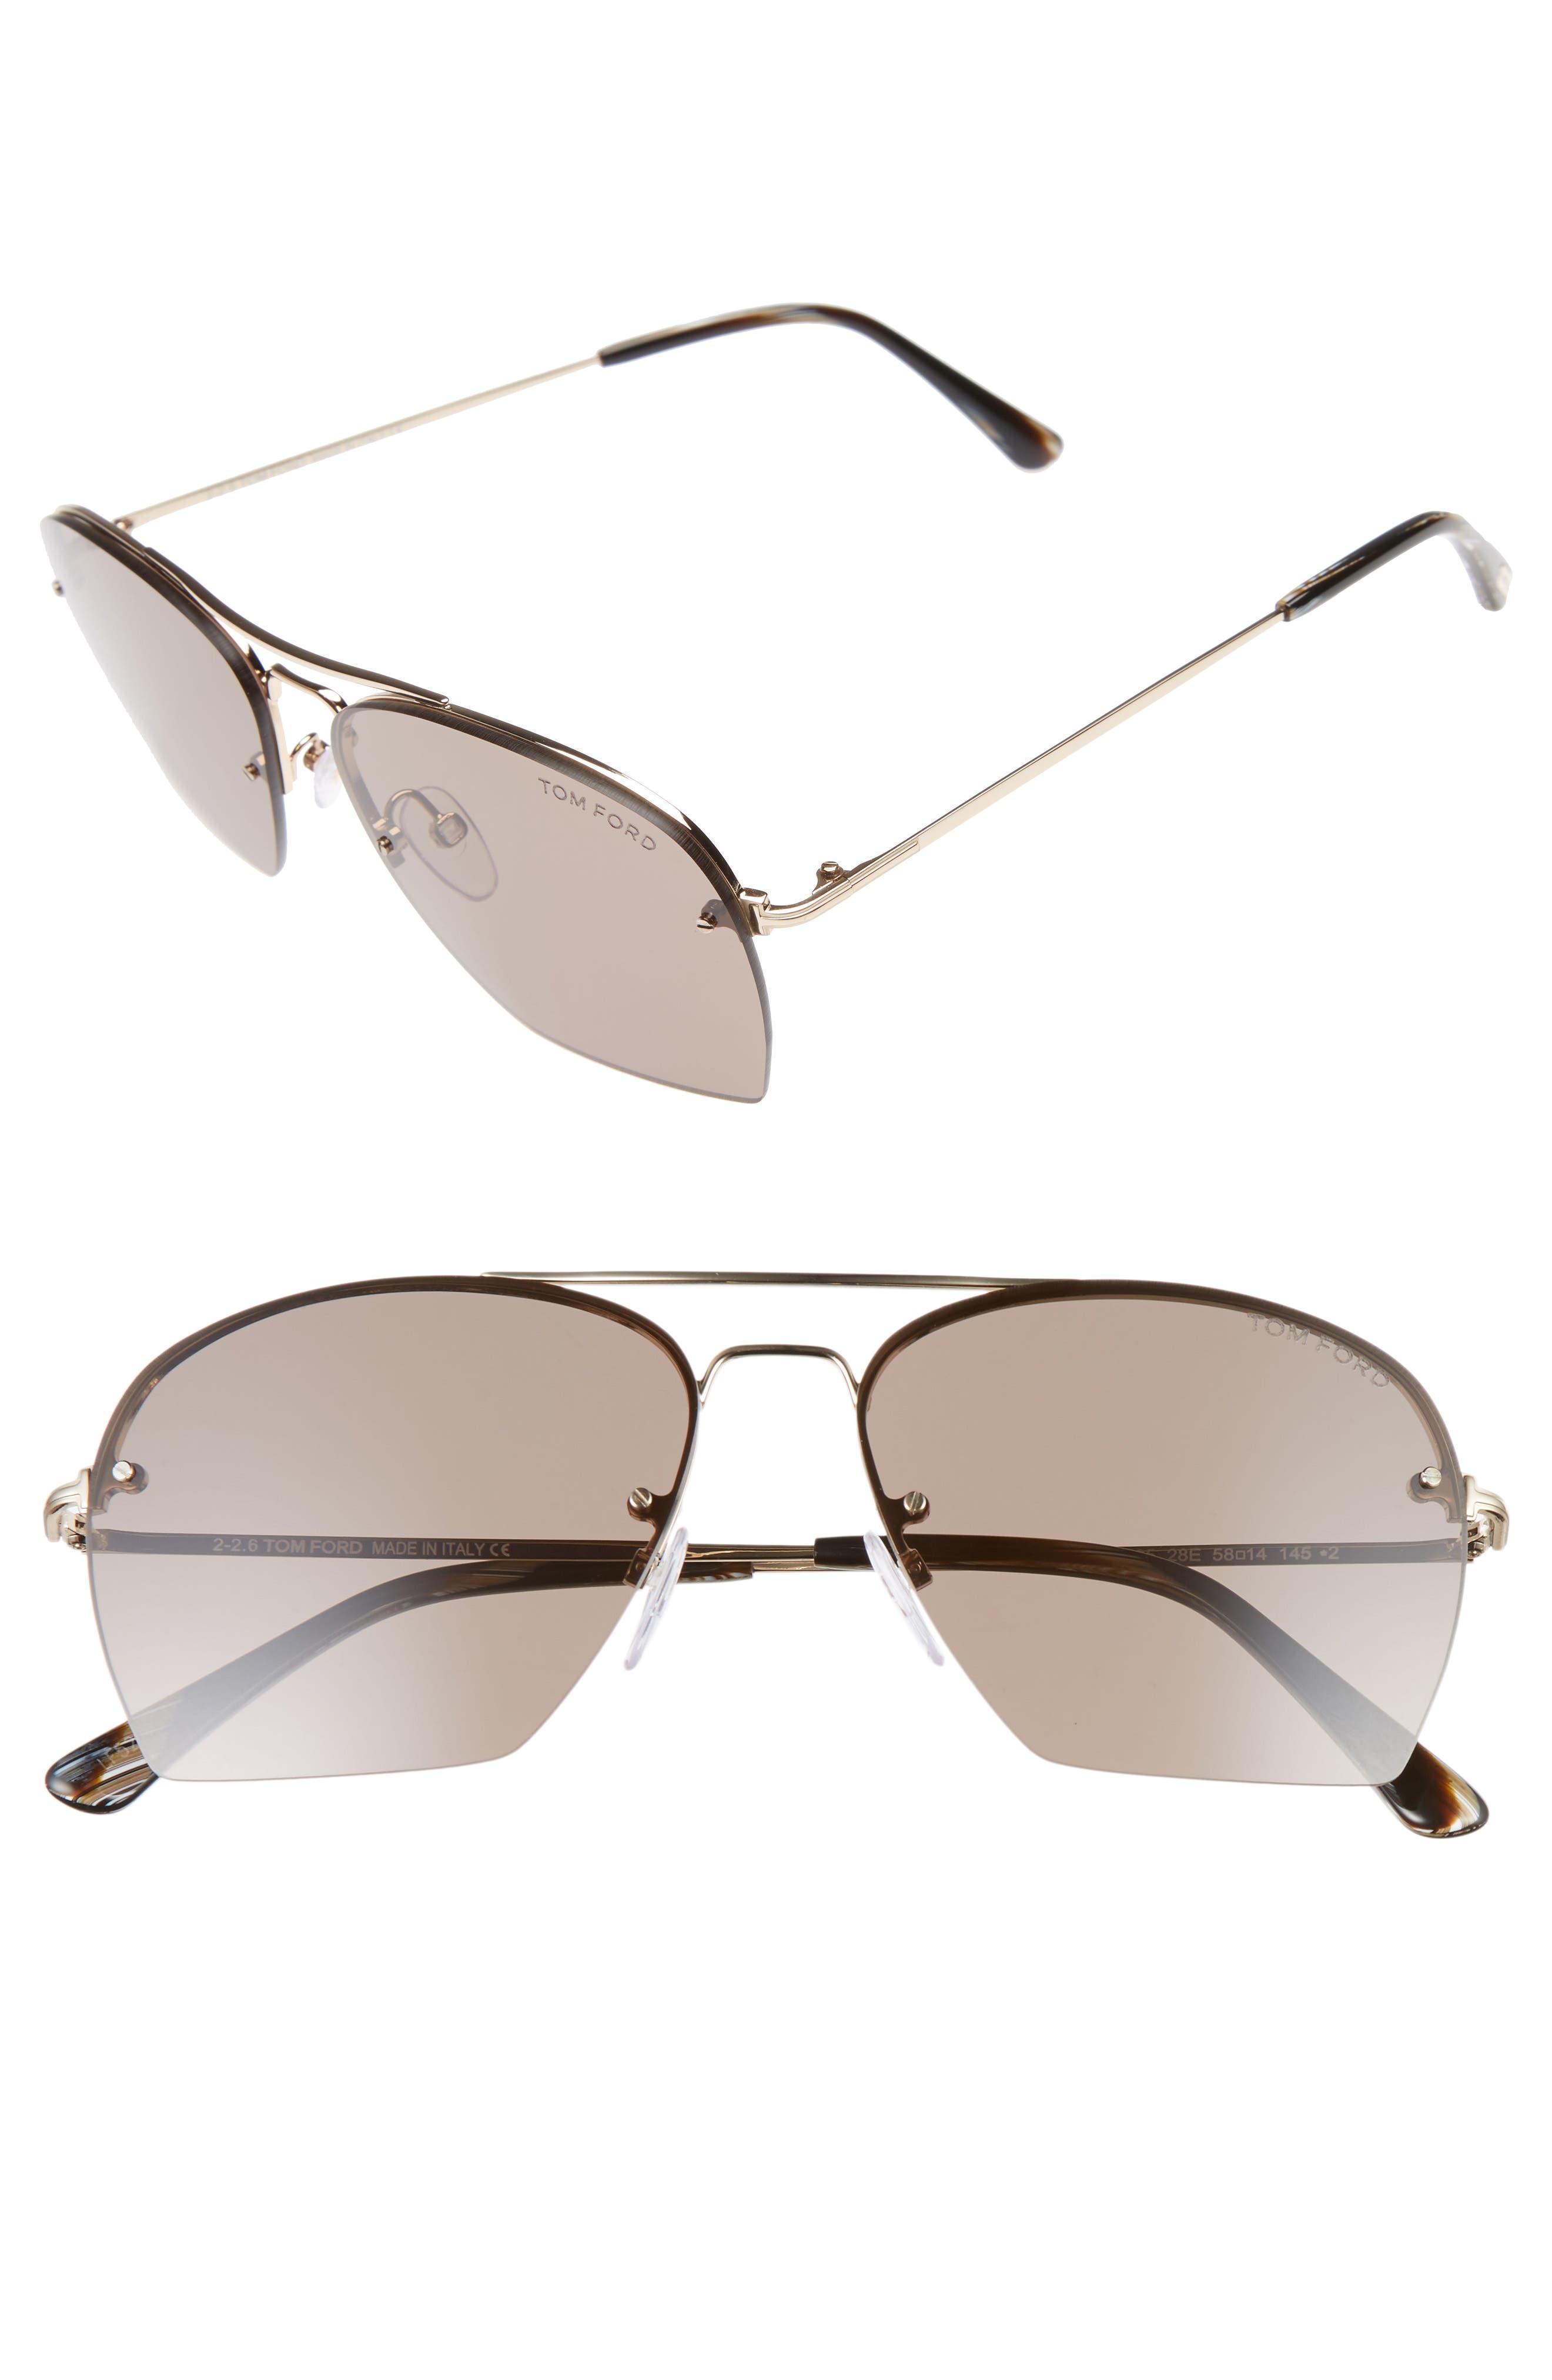 Whelan 58mm Aviator Sunglasses,                         Main,                         color, Rose Gold/ Brown/ Horn Brown